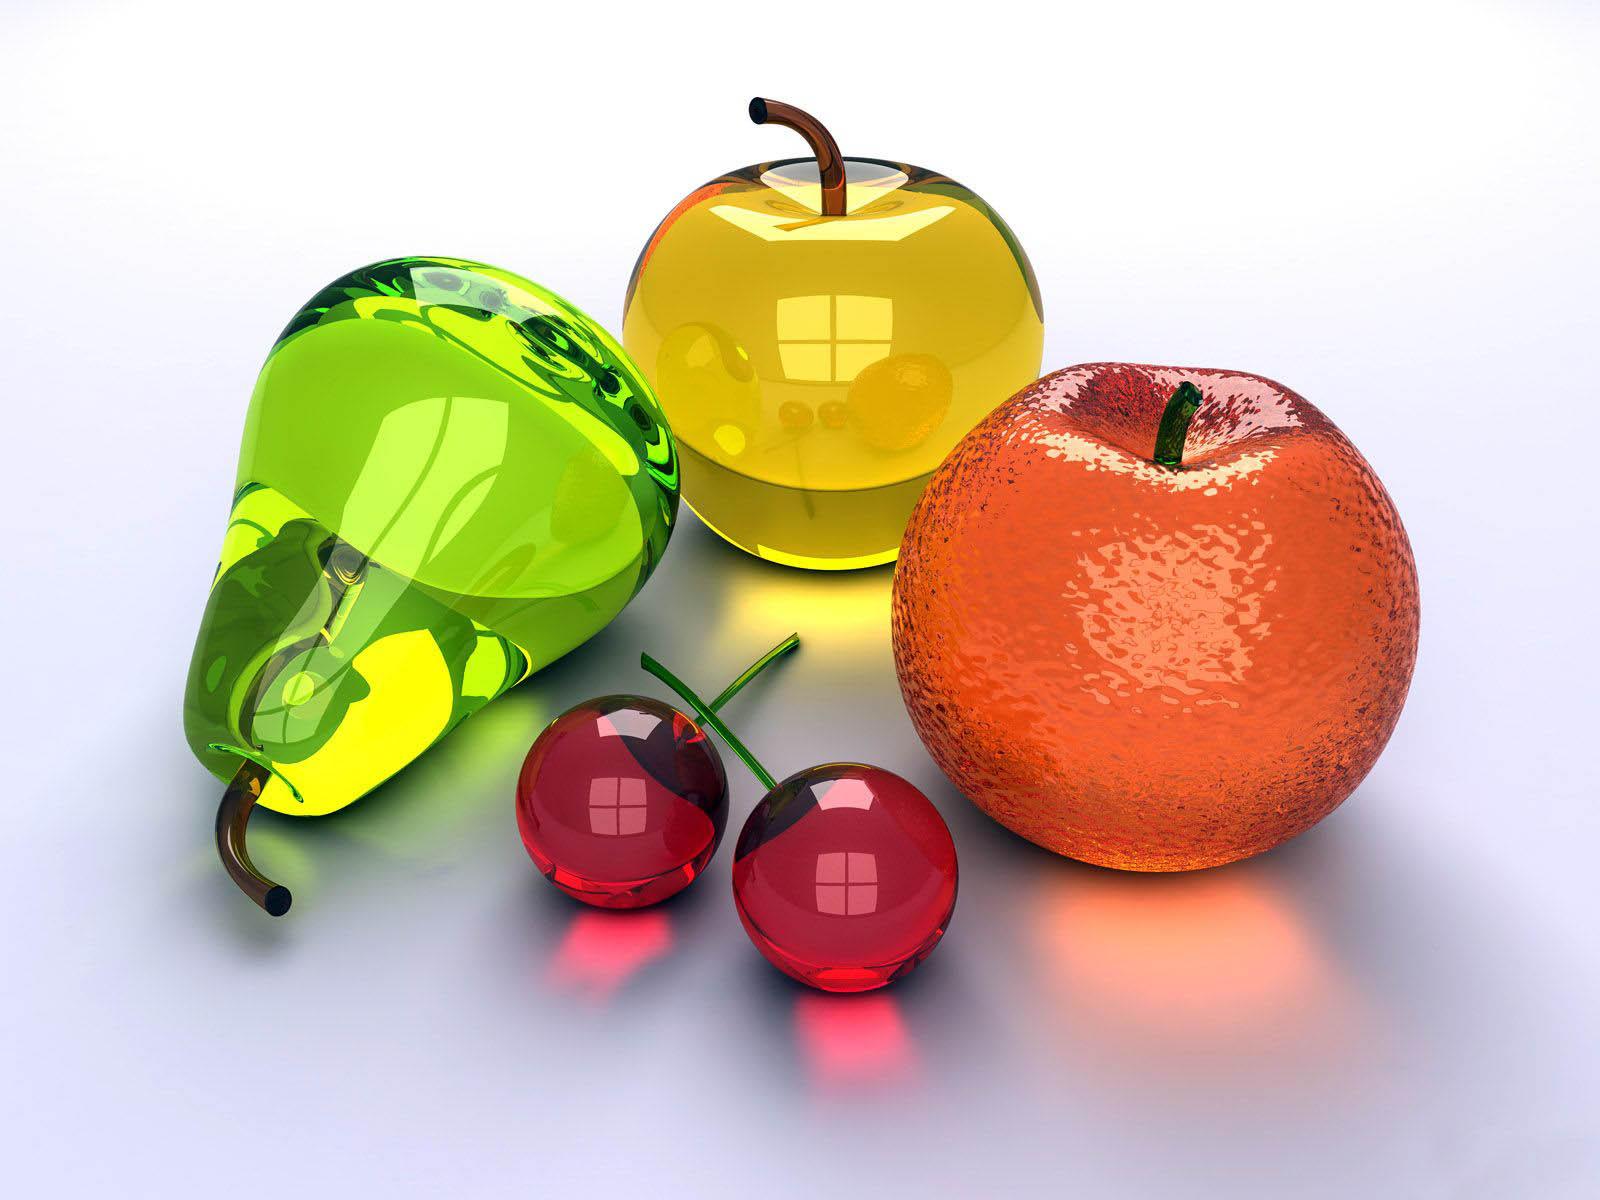 Fruit wallpaper download free - Fruit Wallpaper Download Free